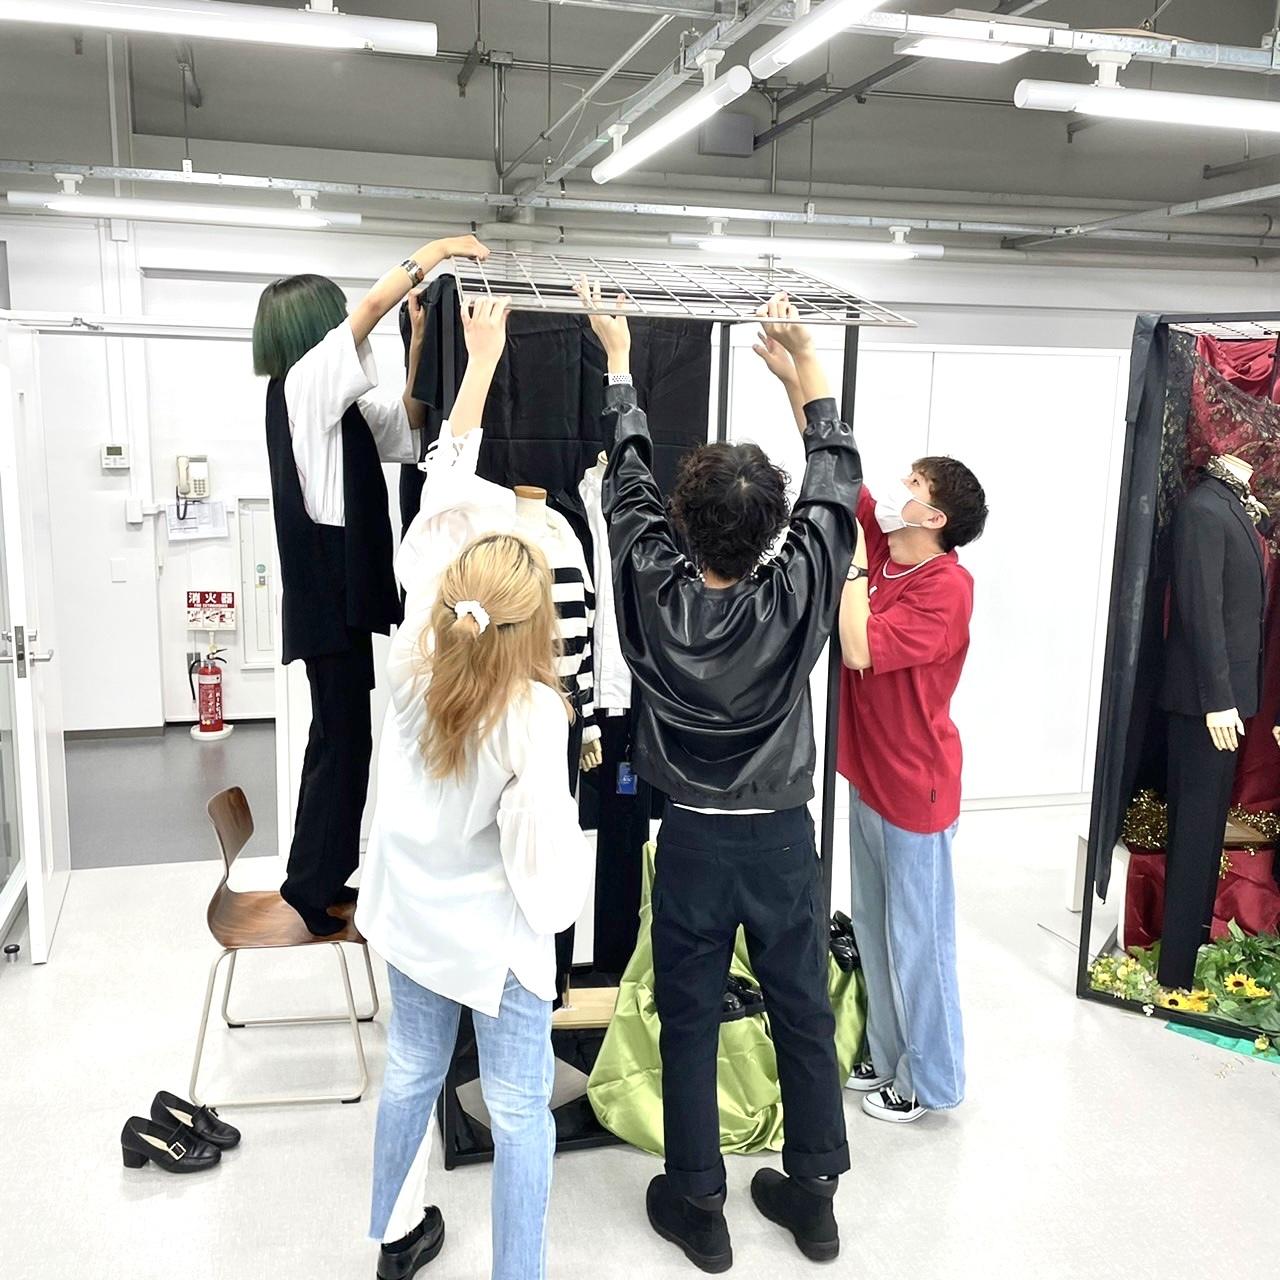 ファッションビジネス演習_f0093508_09152983.jpeg